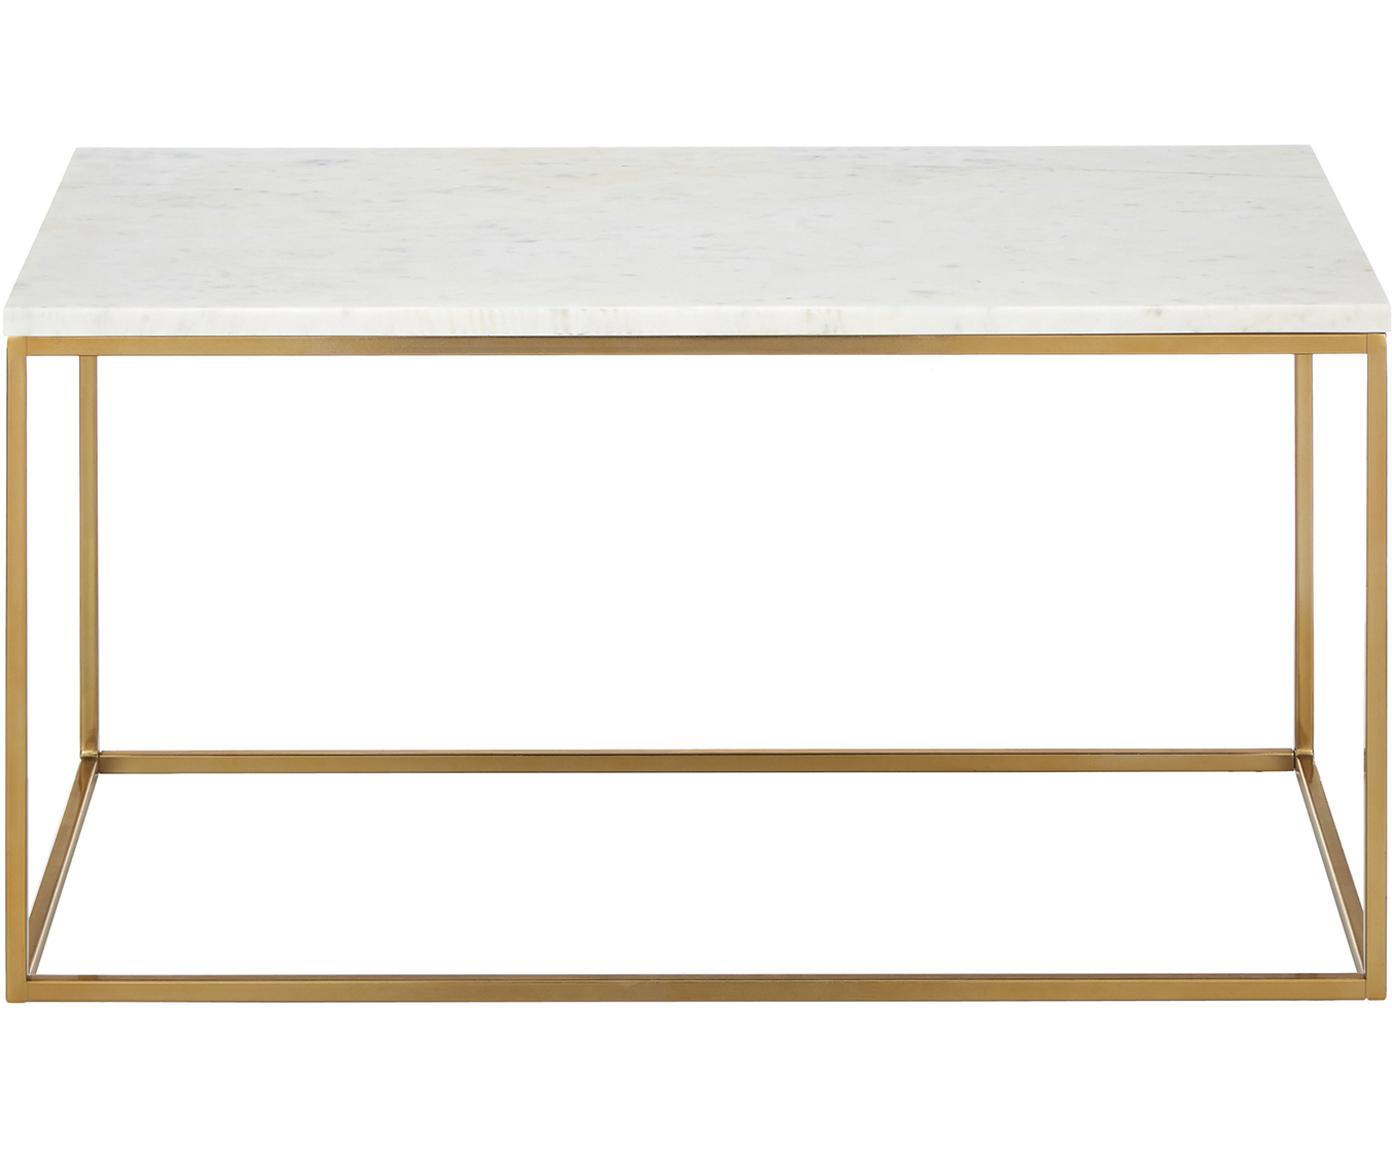 Stolik kawowy z marmuru Alys, Blat: marmur, Stelaż: metal malowany proszkowo, Blat: białoszary marmur Stelaż: odcienie złotego, błyszczący, S 80 x W 45 cm